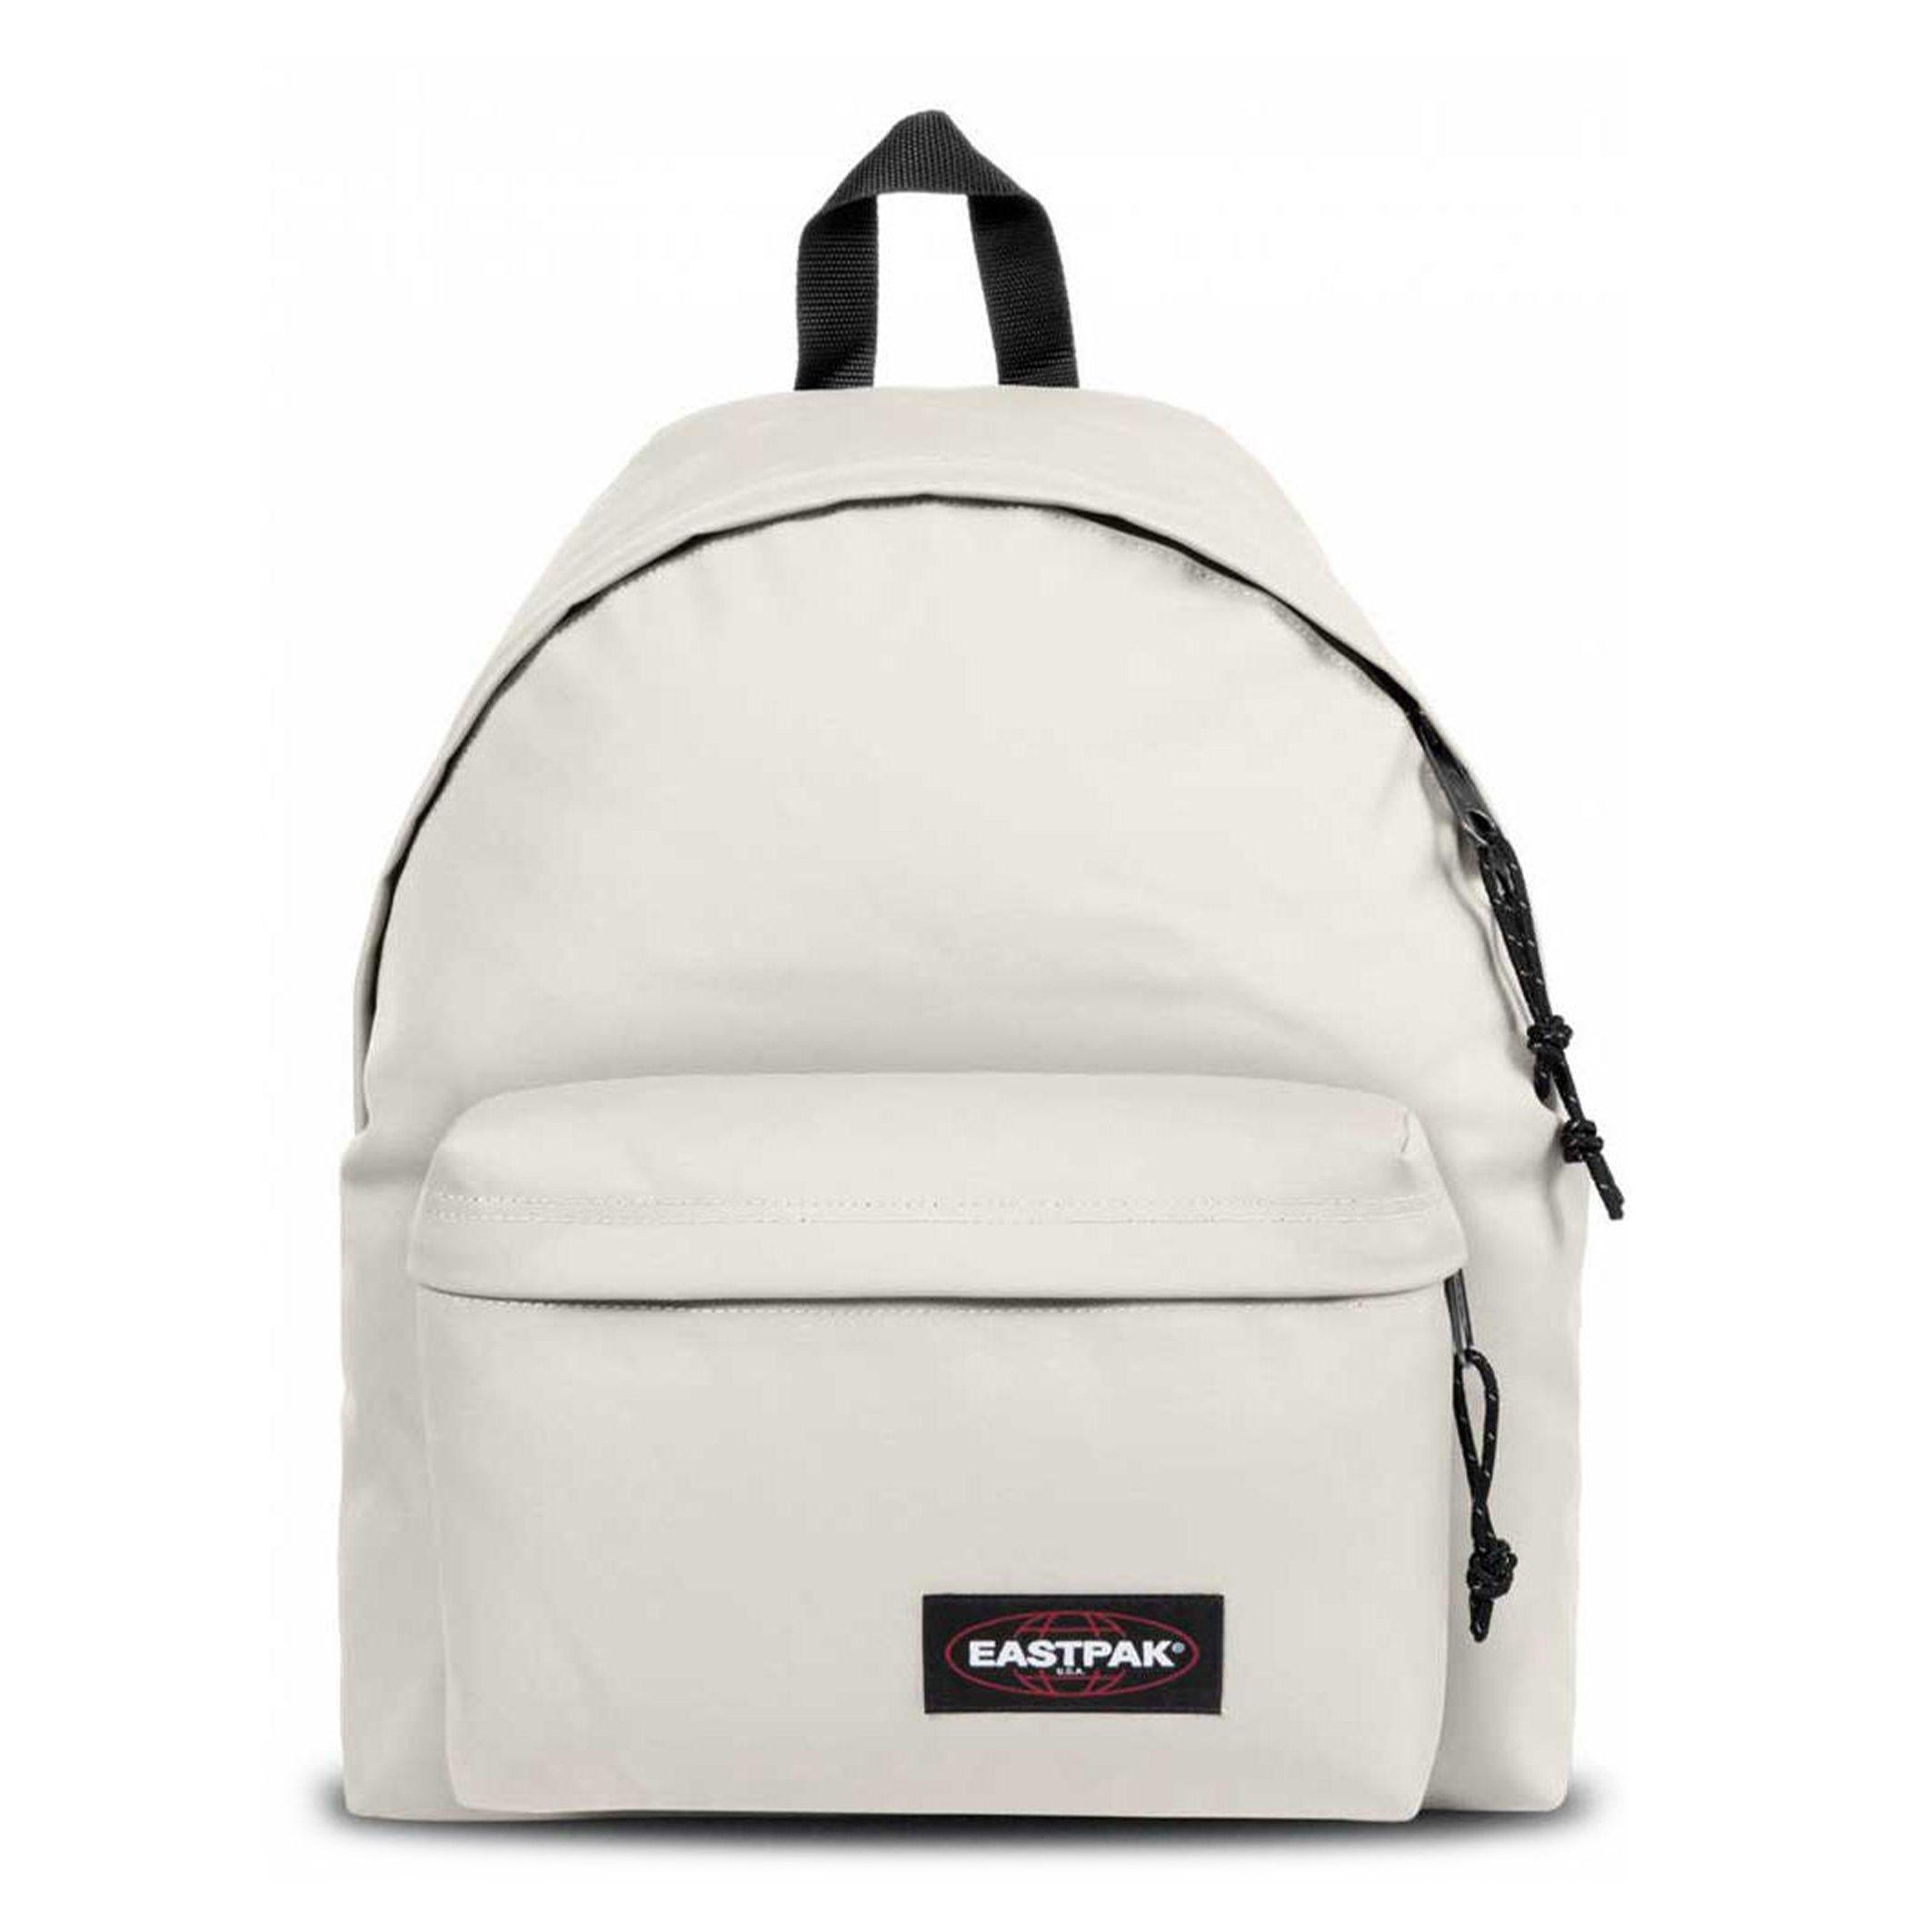 Eastpak Unisex Backpack Various Colours EK000620_008 - white NOSIZE